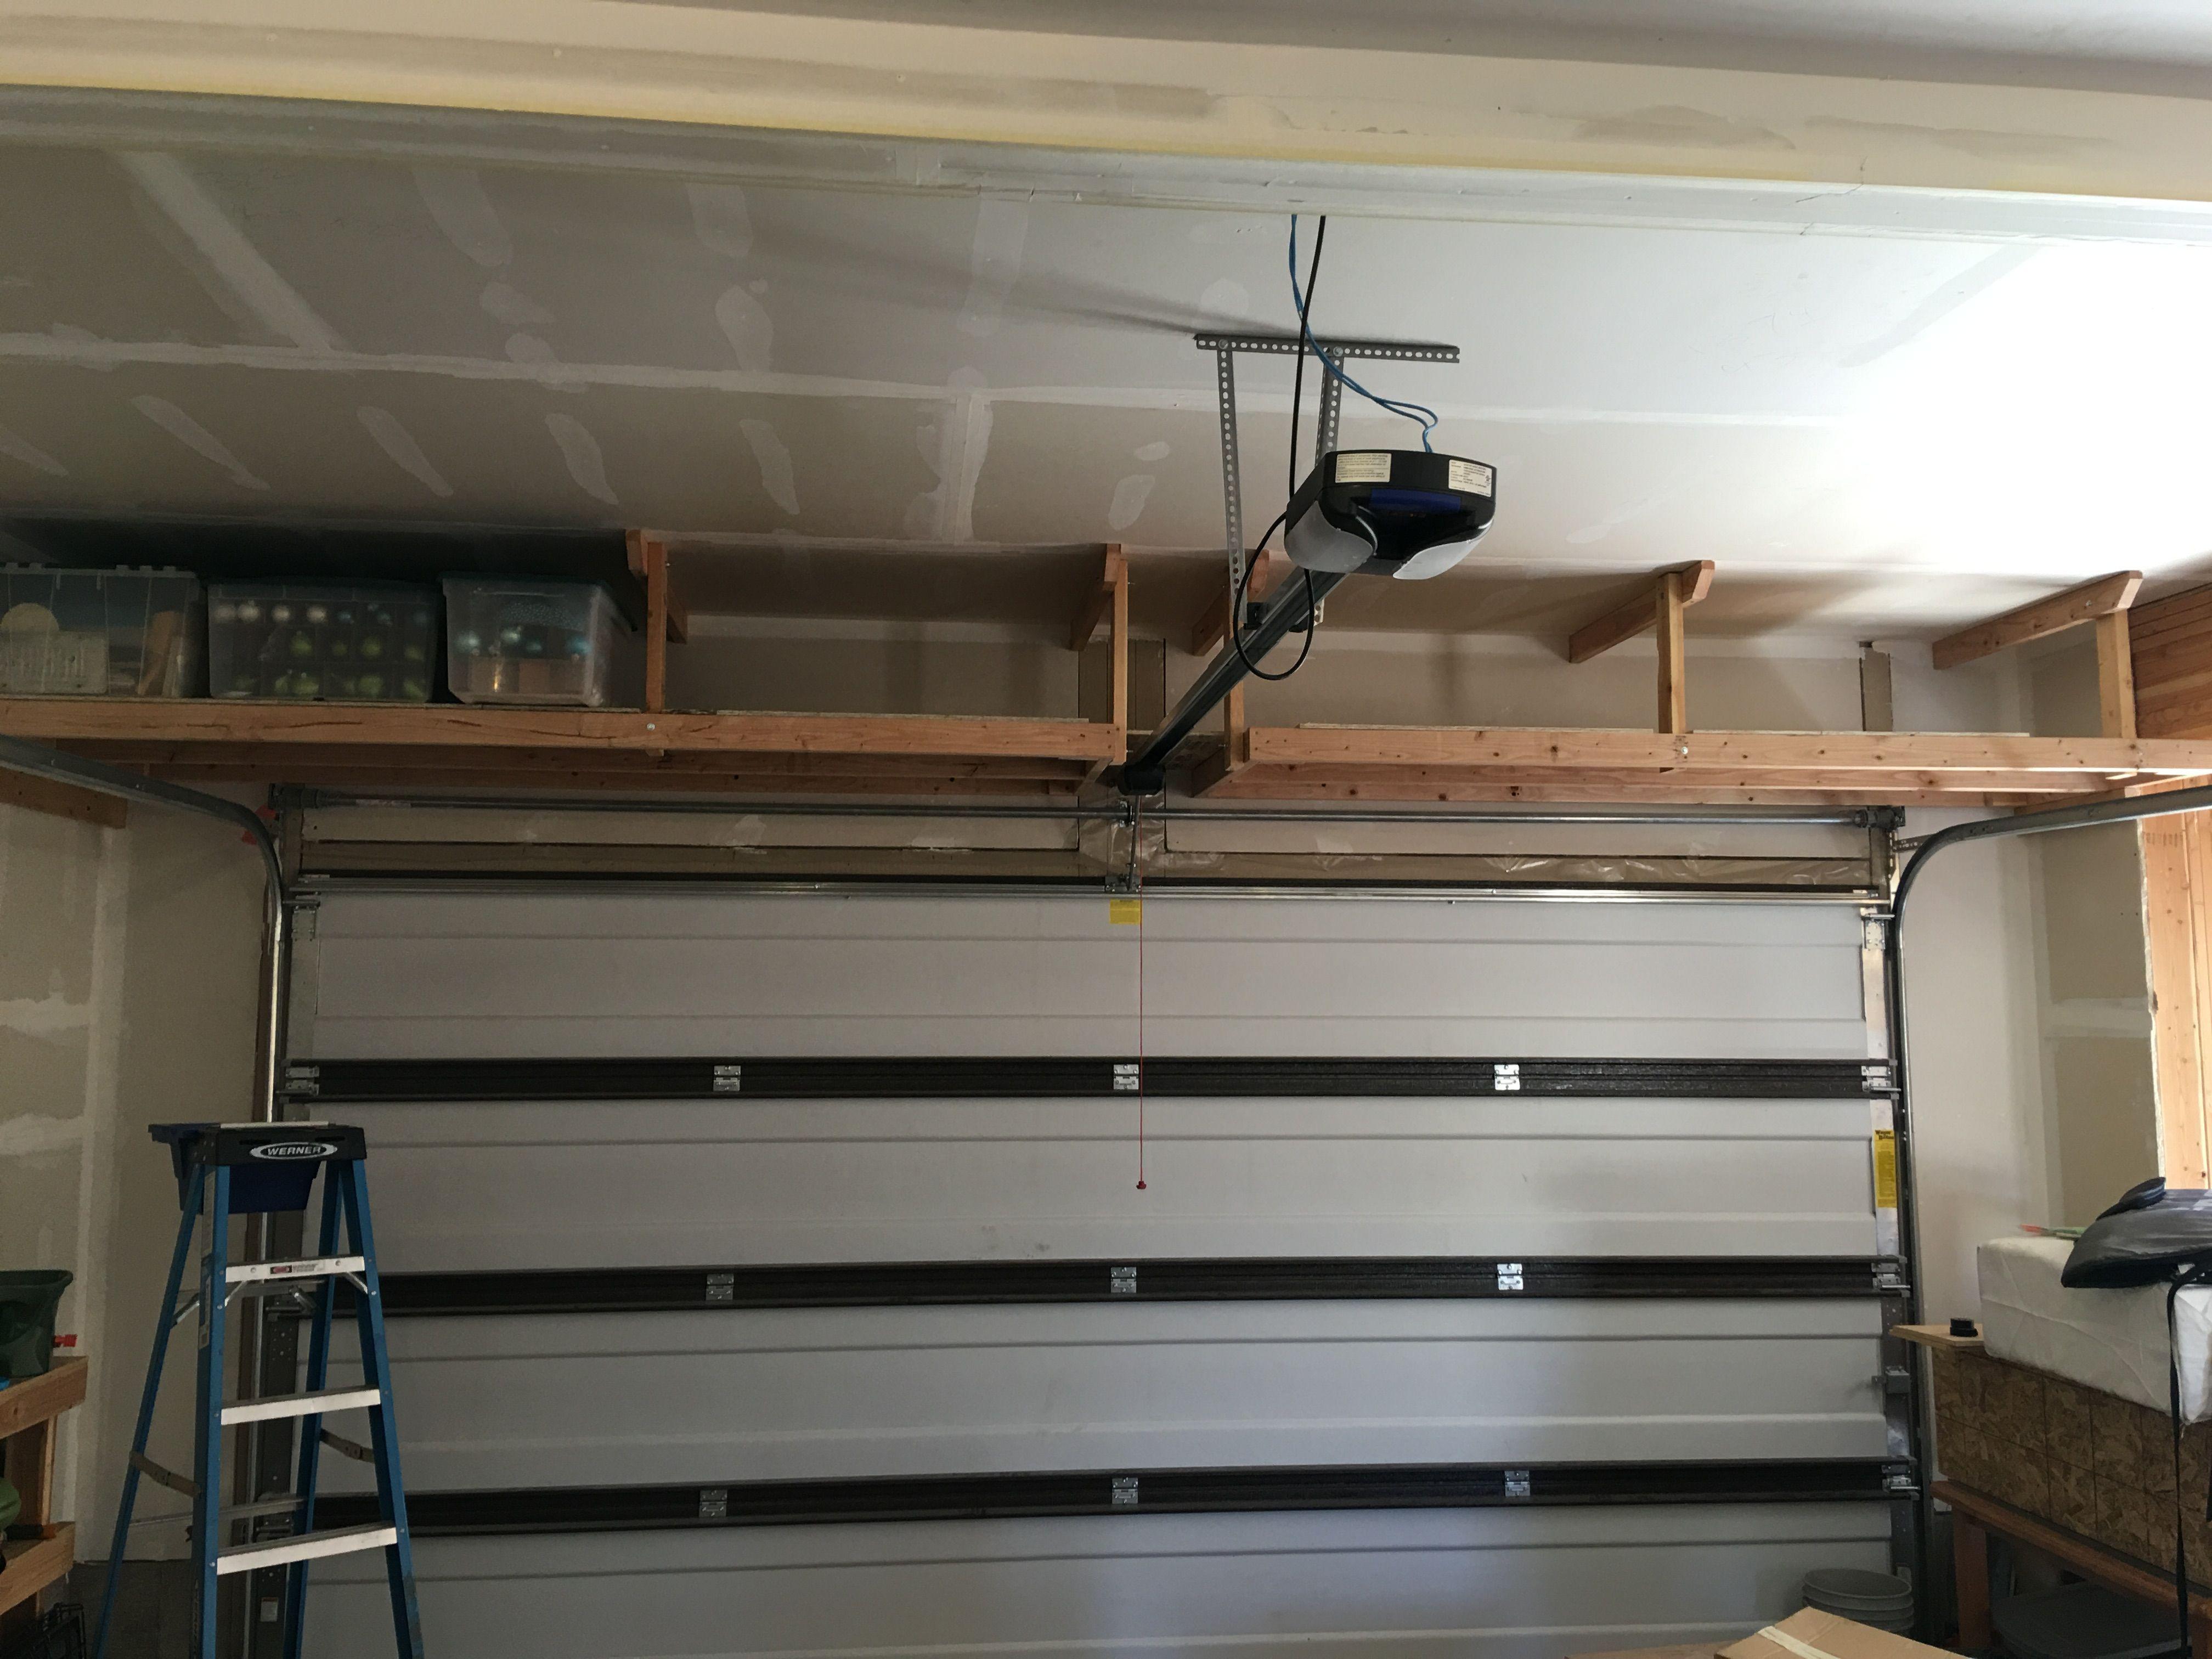 2 X 4 Garage Storage 2 X 4 Over Garage Door Storage Garage